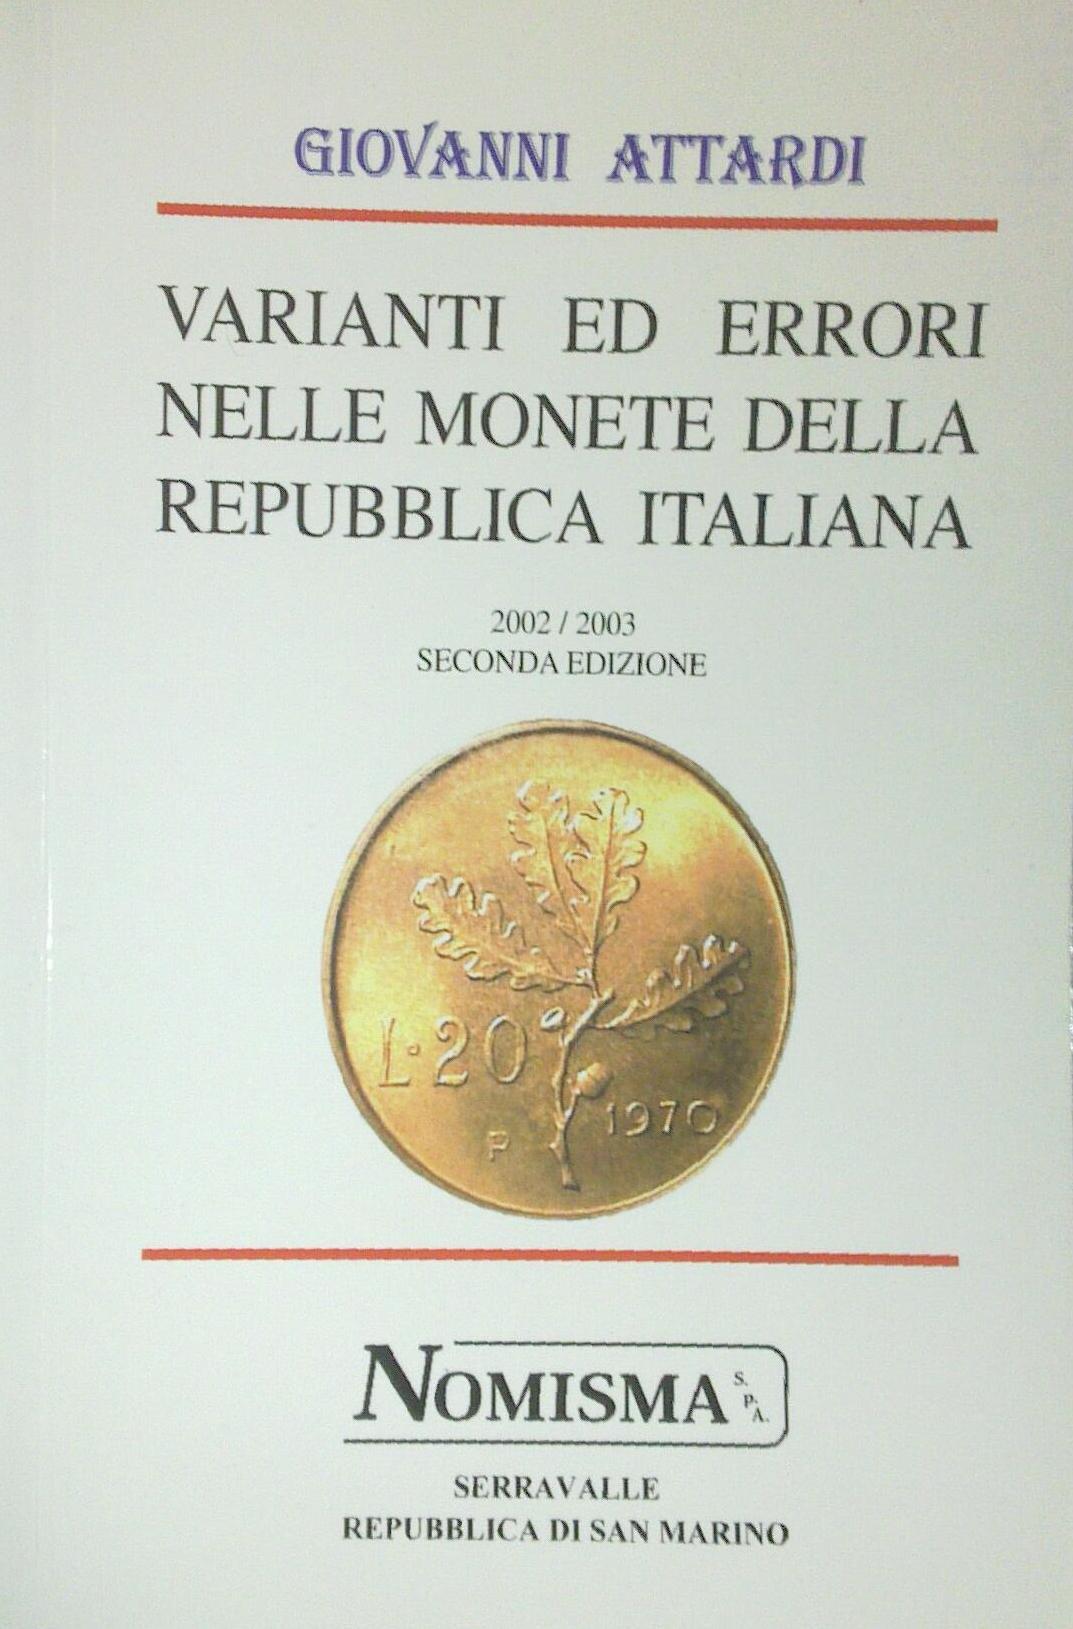 Varianti ed errori nelle monete della Repubblica italiana